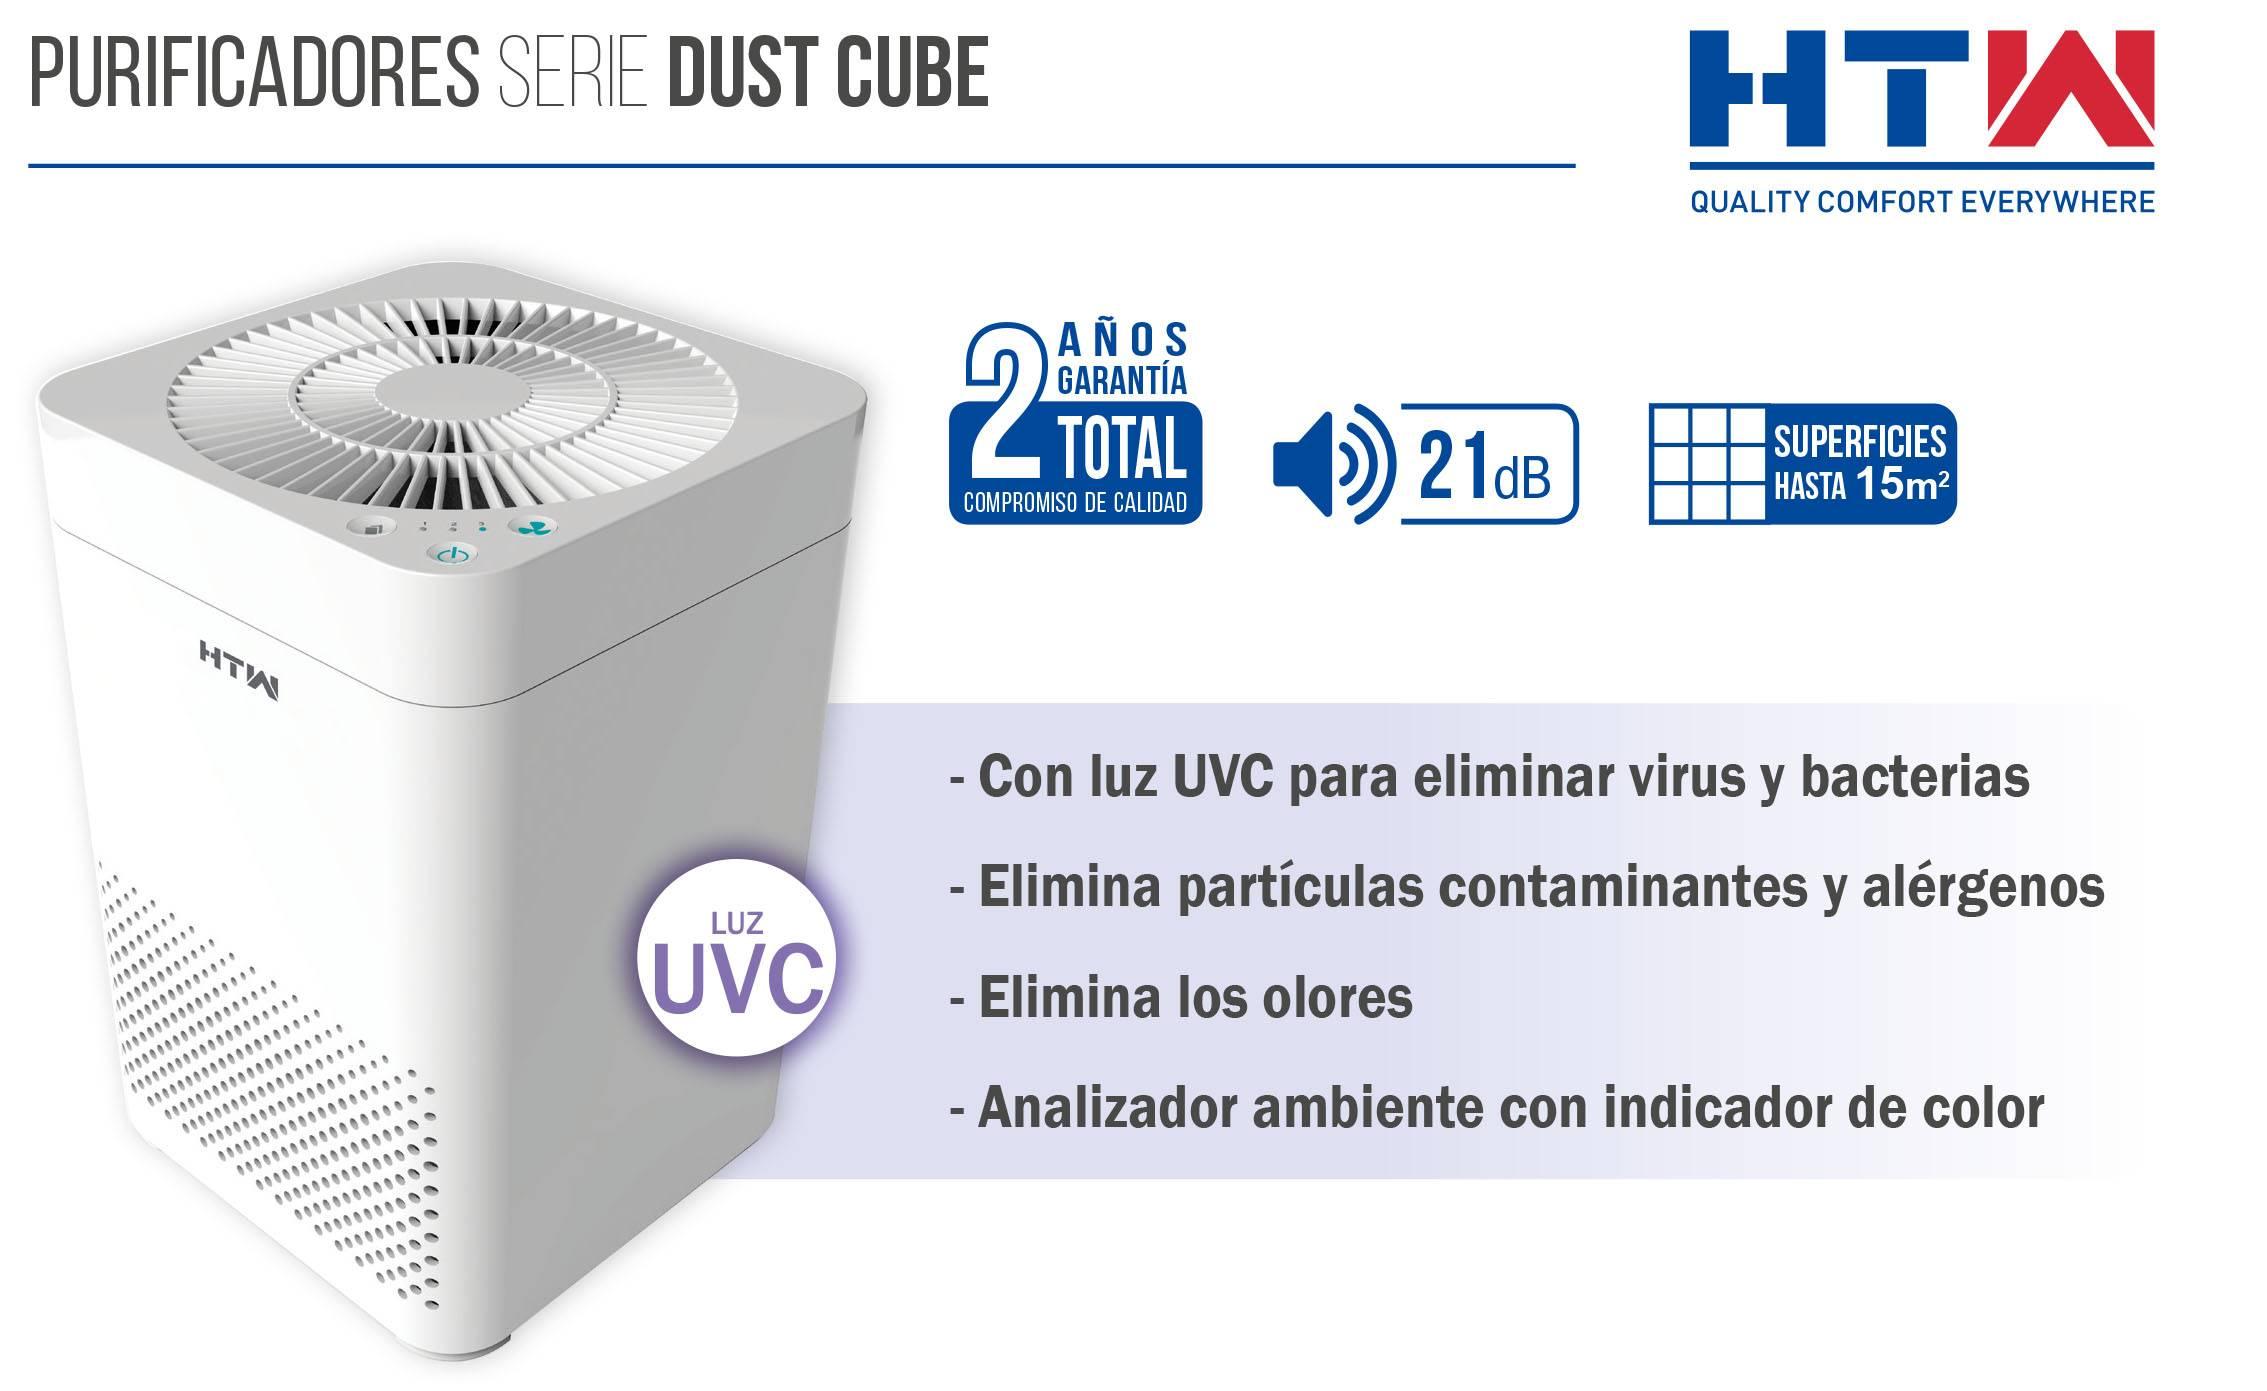 Purificador de aire HTW Dust Cube ficha